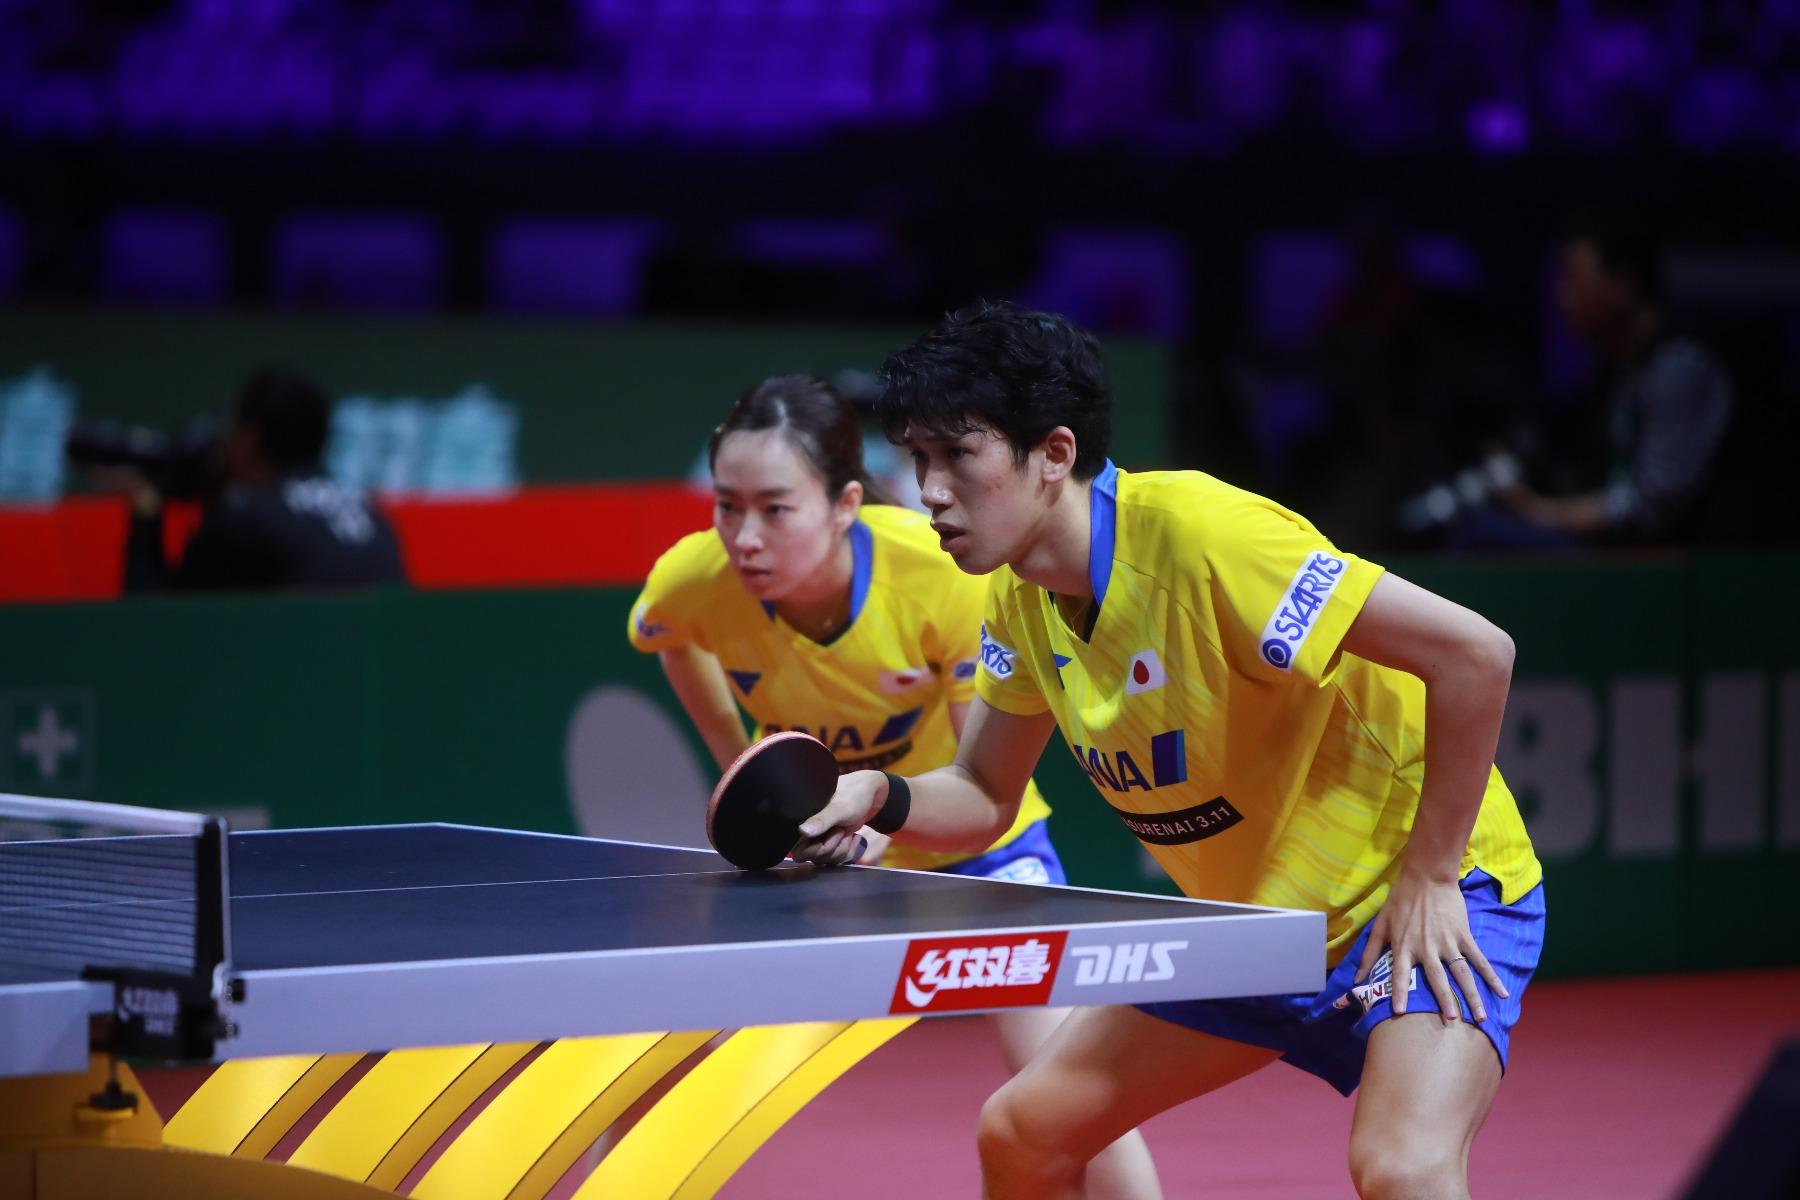 VICTAS JOURNAL 国際大会 世界卓球2019 ブダペスト大会 卓球 混合ダブルス